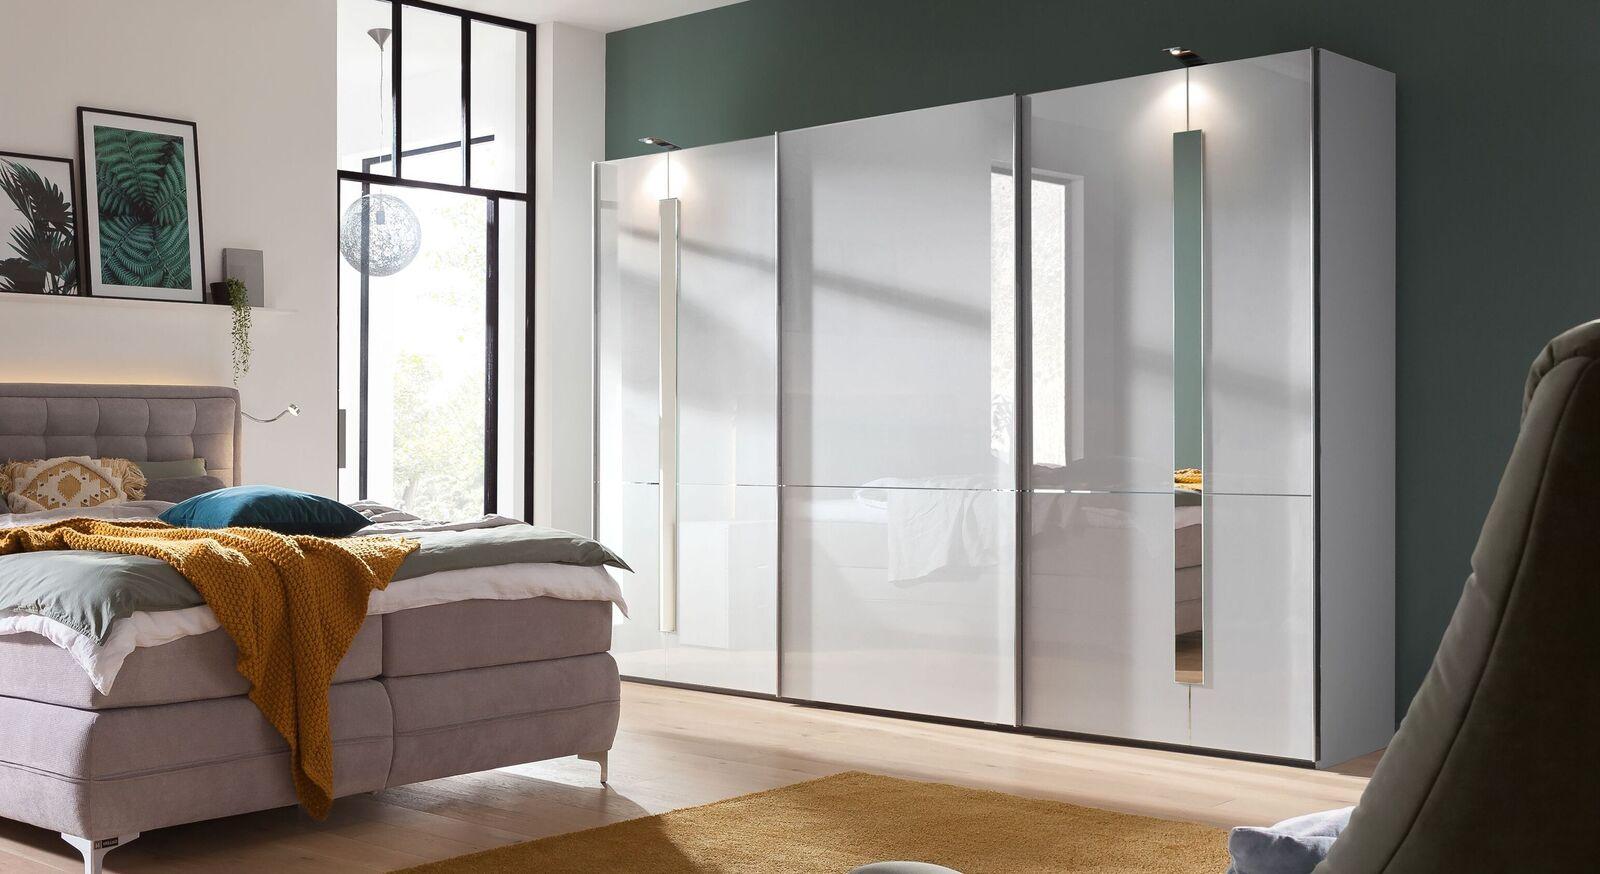 Moderner GALLERY M Schwebetüren-Kleiderschrank IMOLA W in Weiß